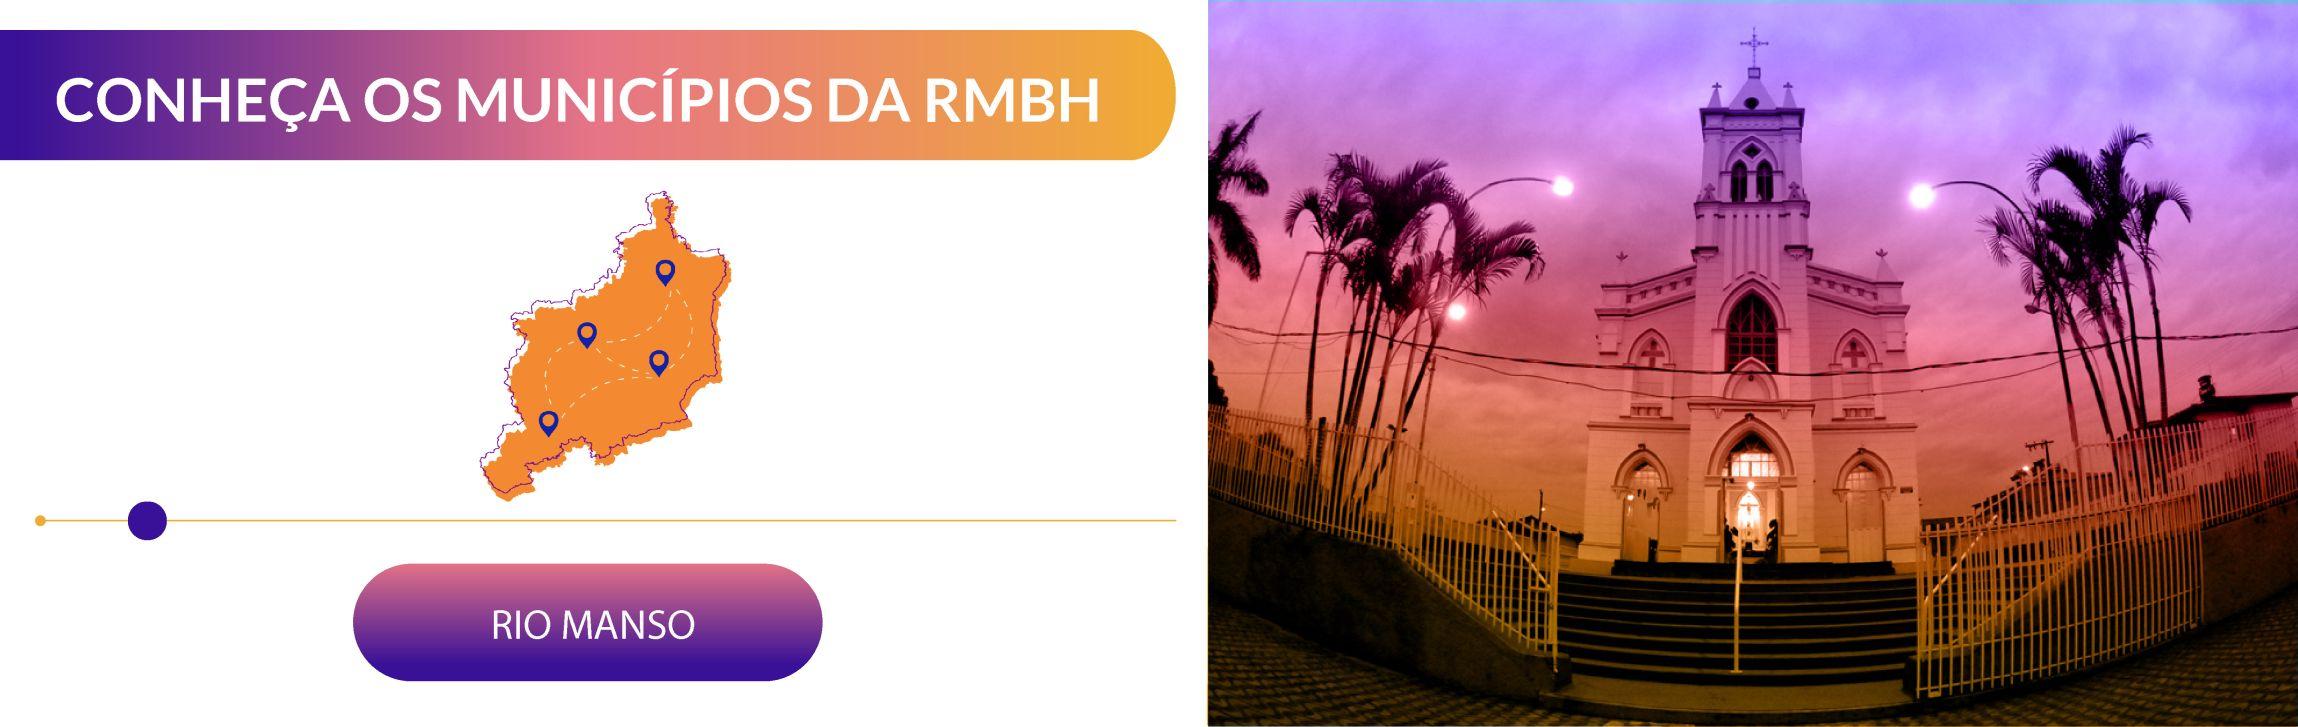 banner-municipio-riomanso-01